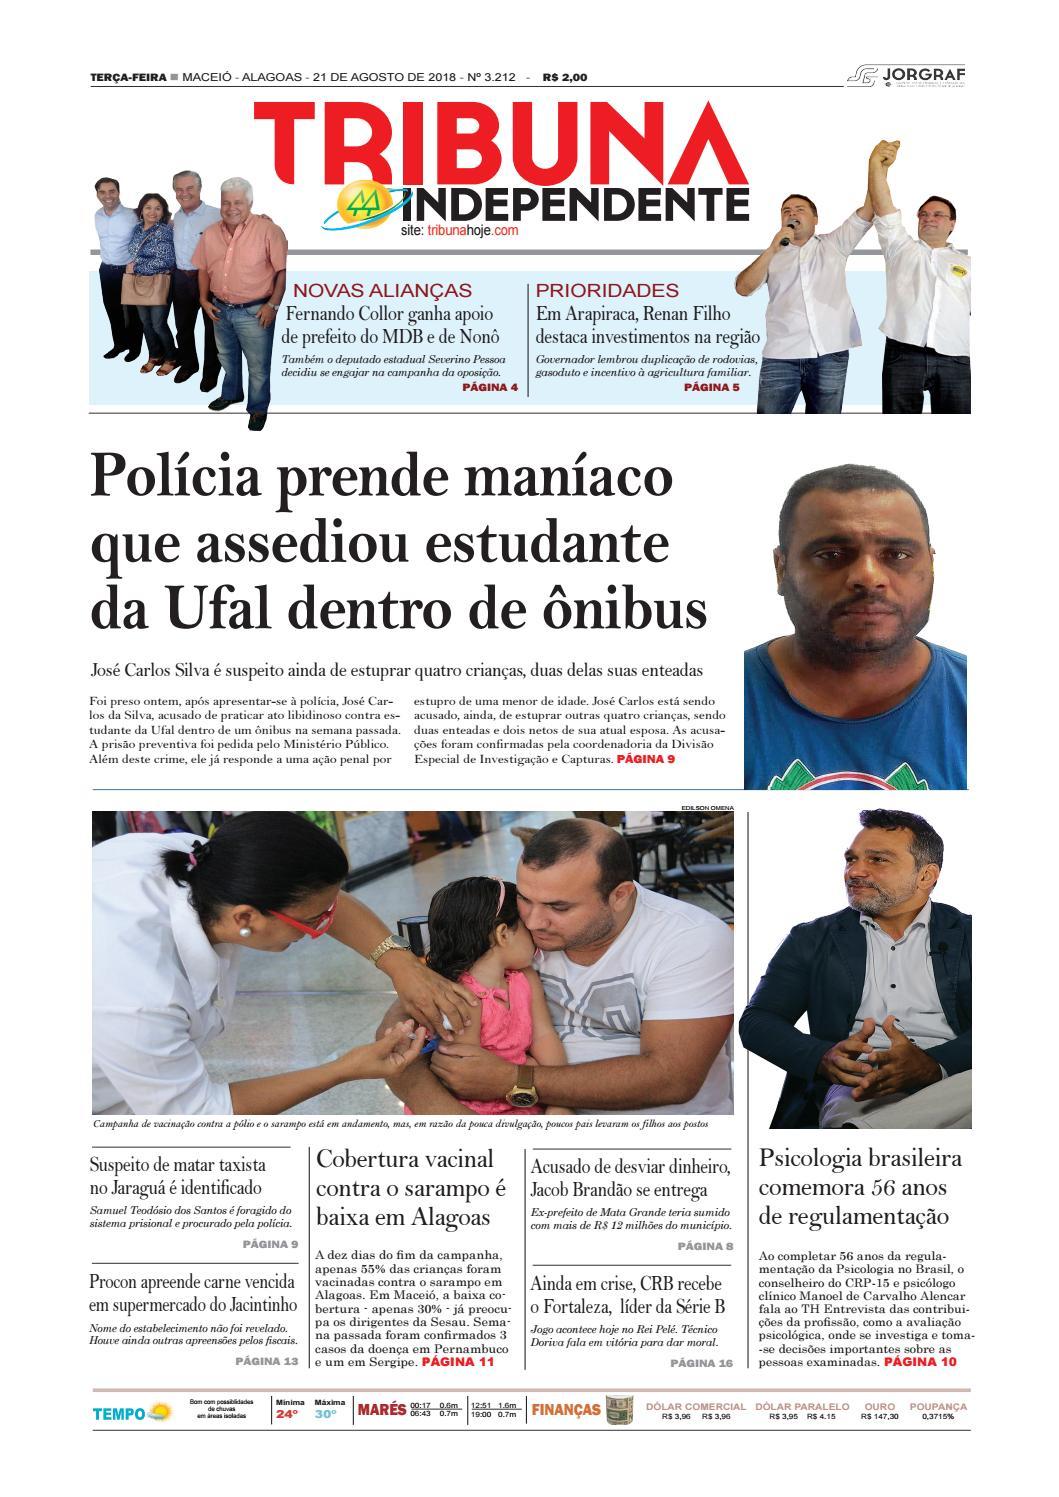 099e28bd20 Edição número 3212 - 21 de agosto de 2018 by Tribuna Hoje - issuu